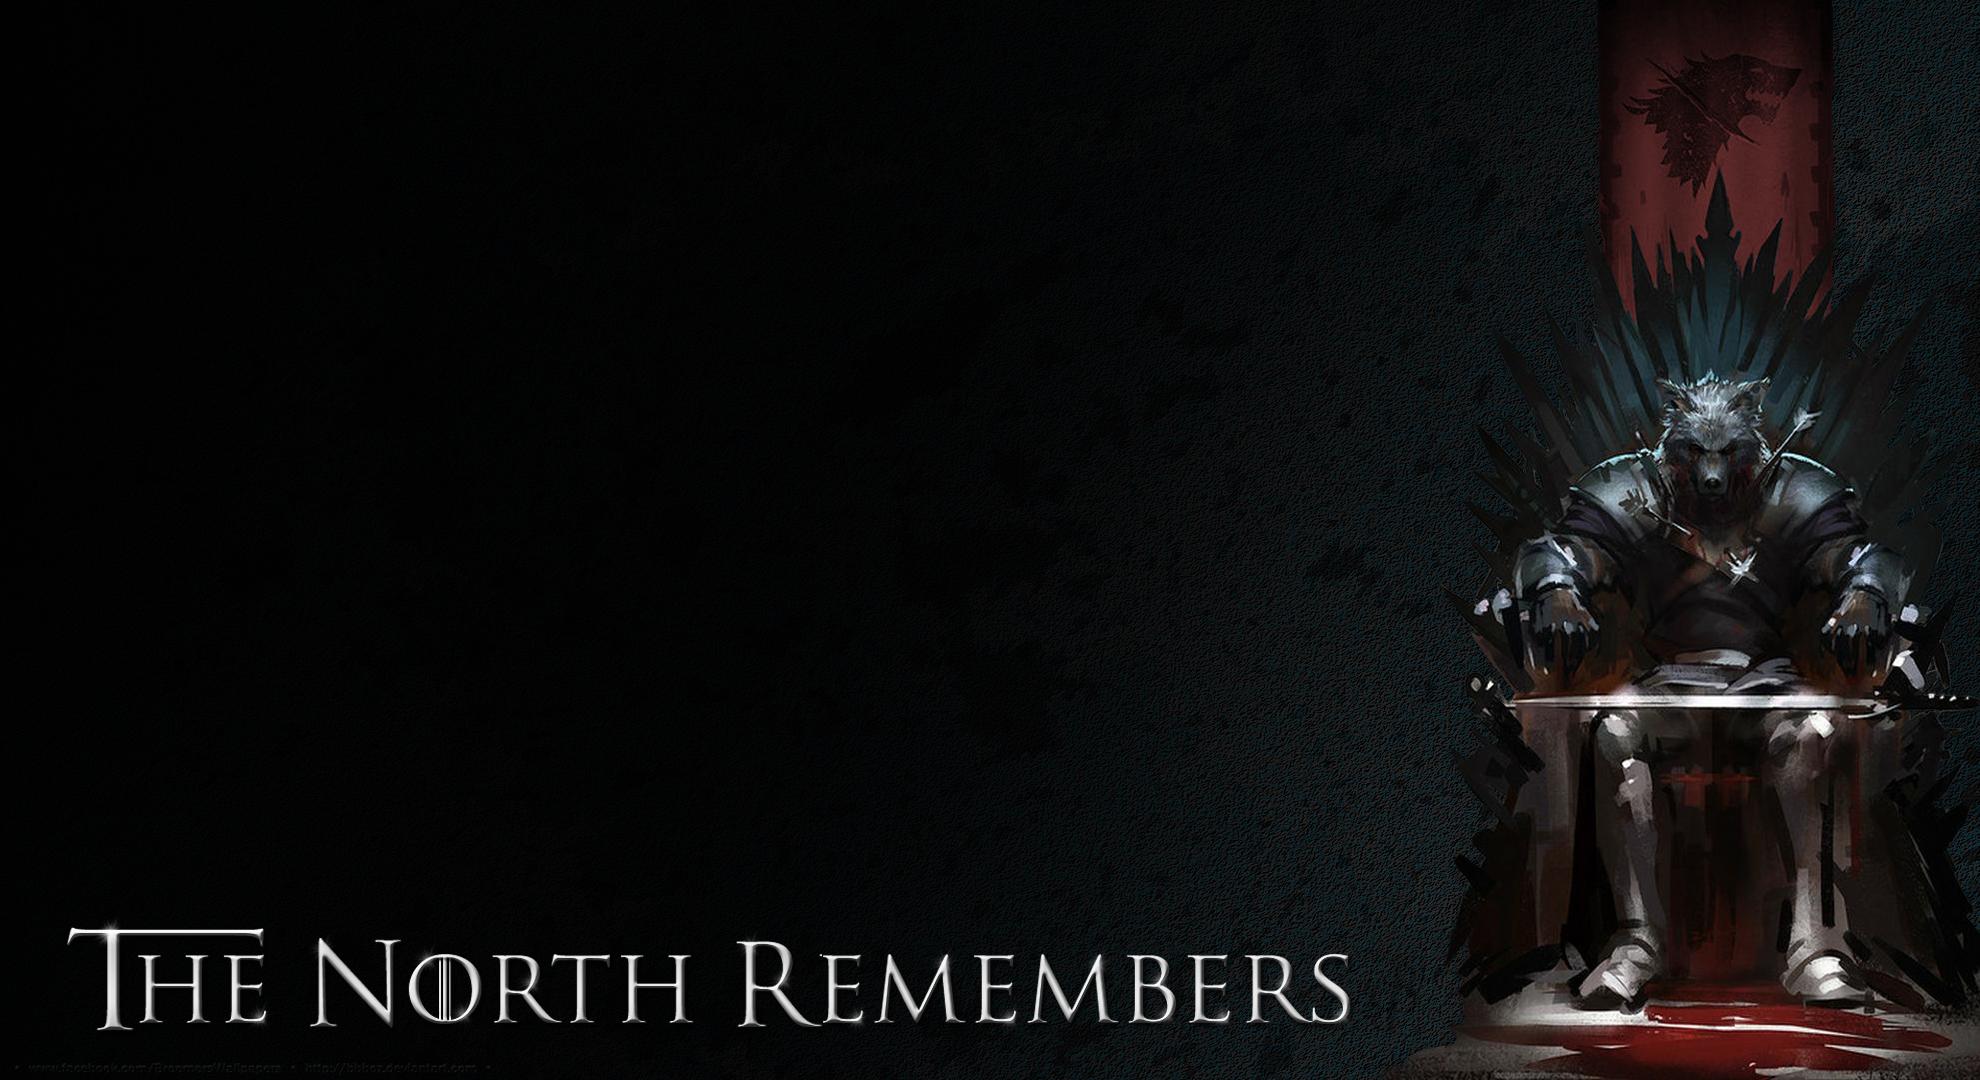 ASOS [ASOS]The North Remembers Wallpaper1920x1080 fc00deviantart 1980x1080